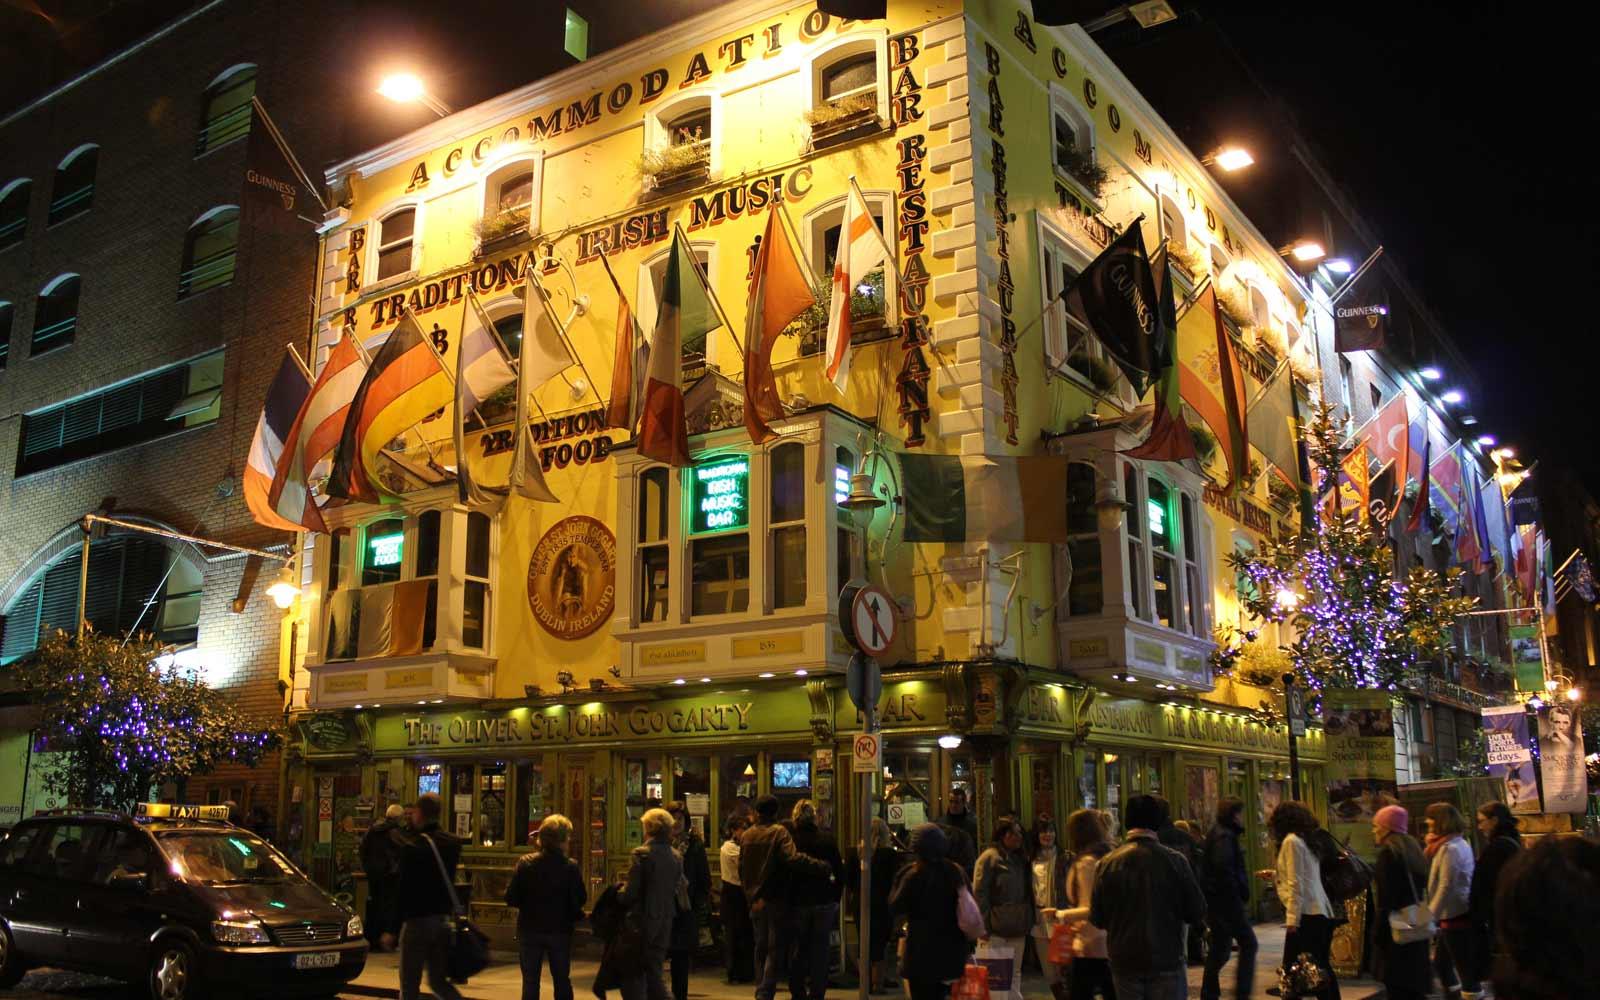 The Olivers St. John Gogarty Bar in Dublin